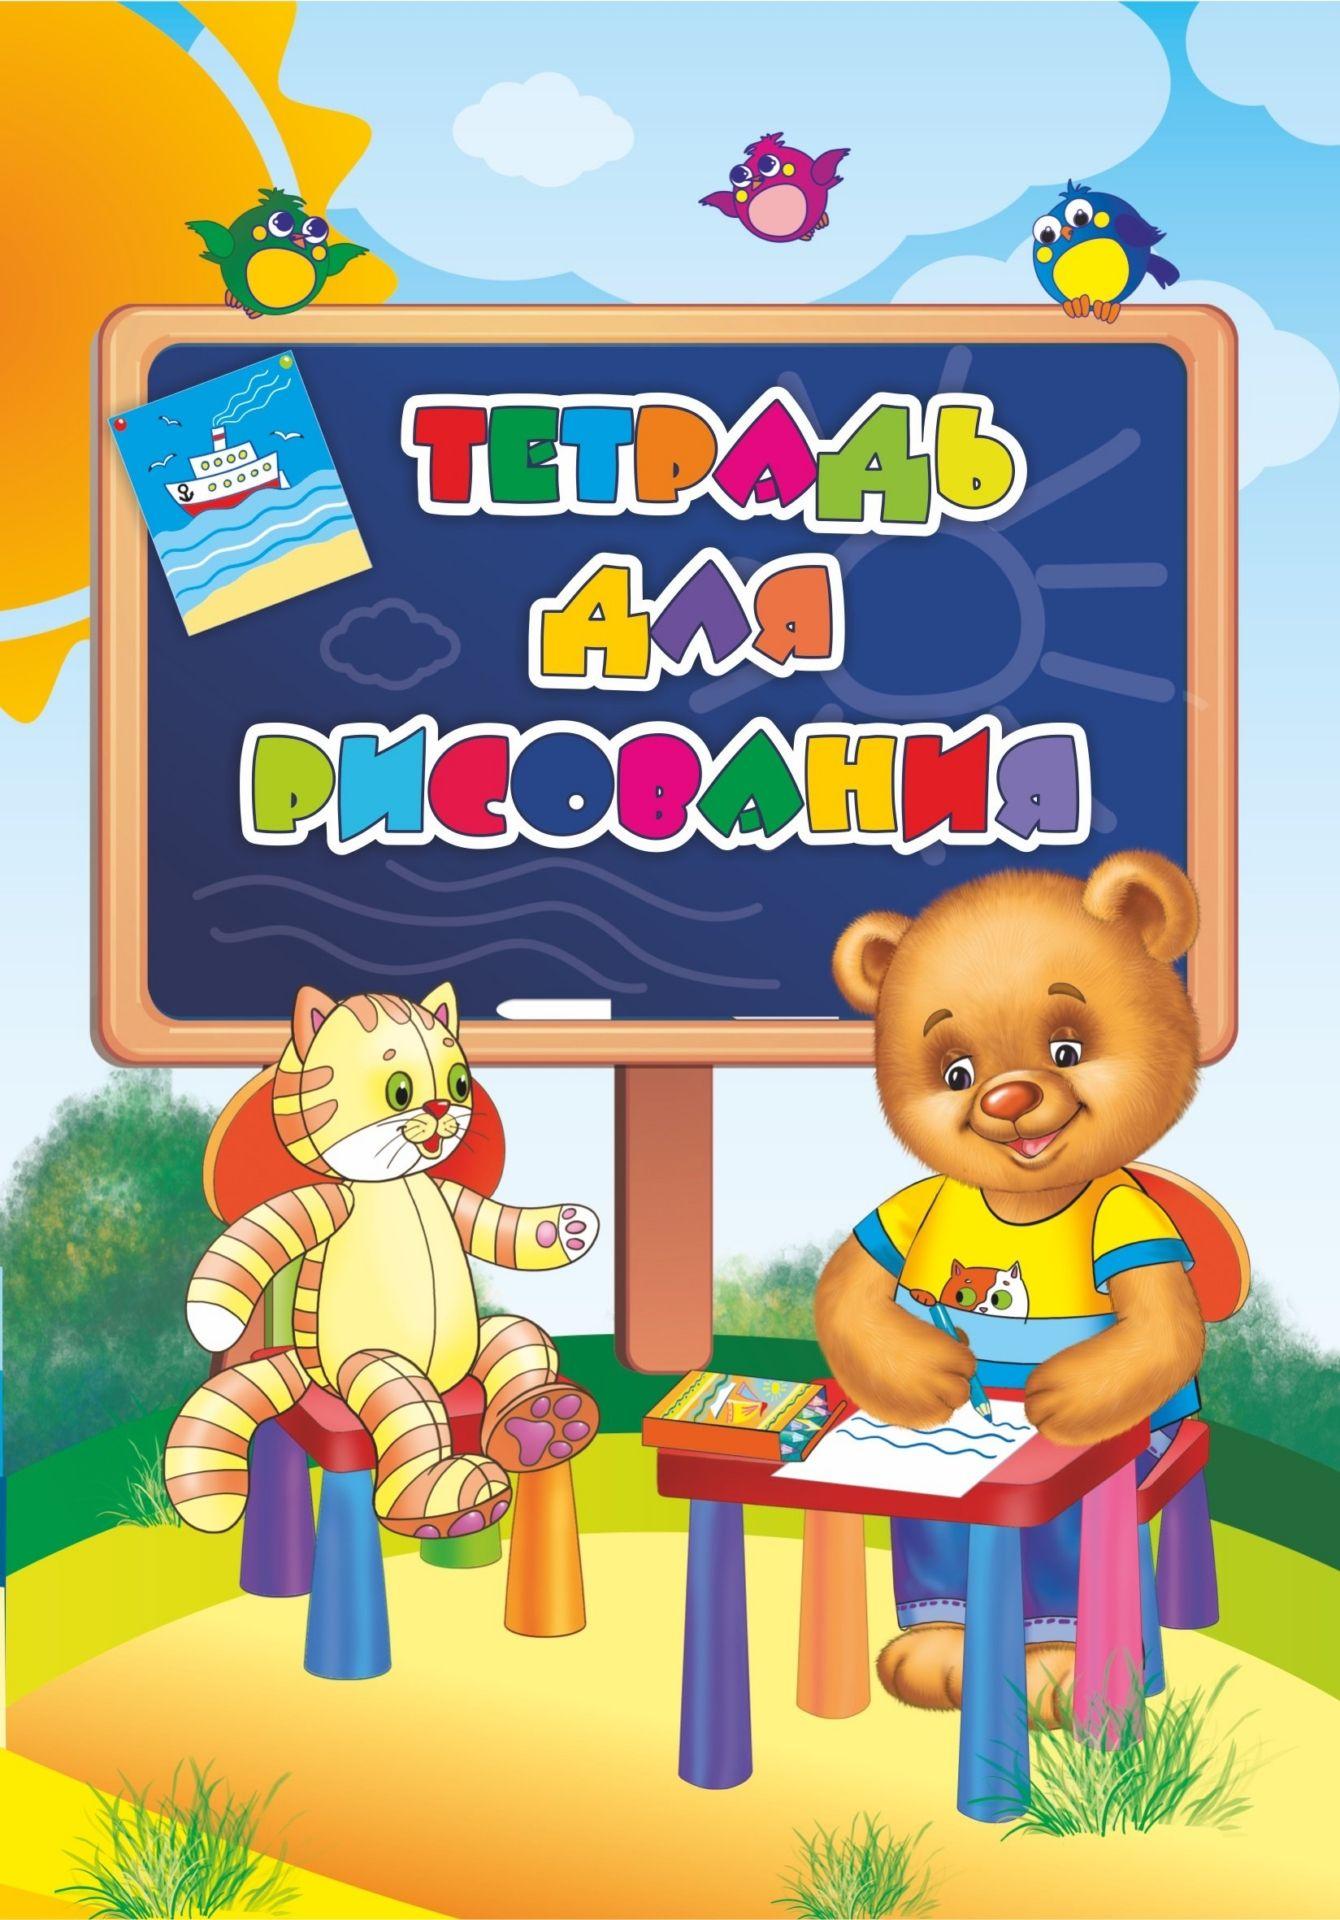 Тетрадь для рисования (детям, с Плюшиком)